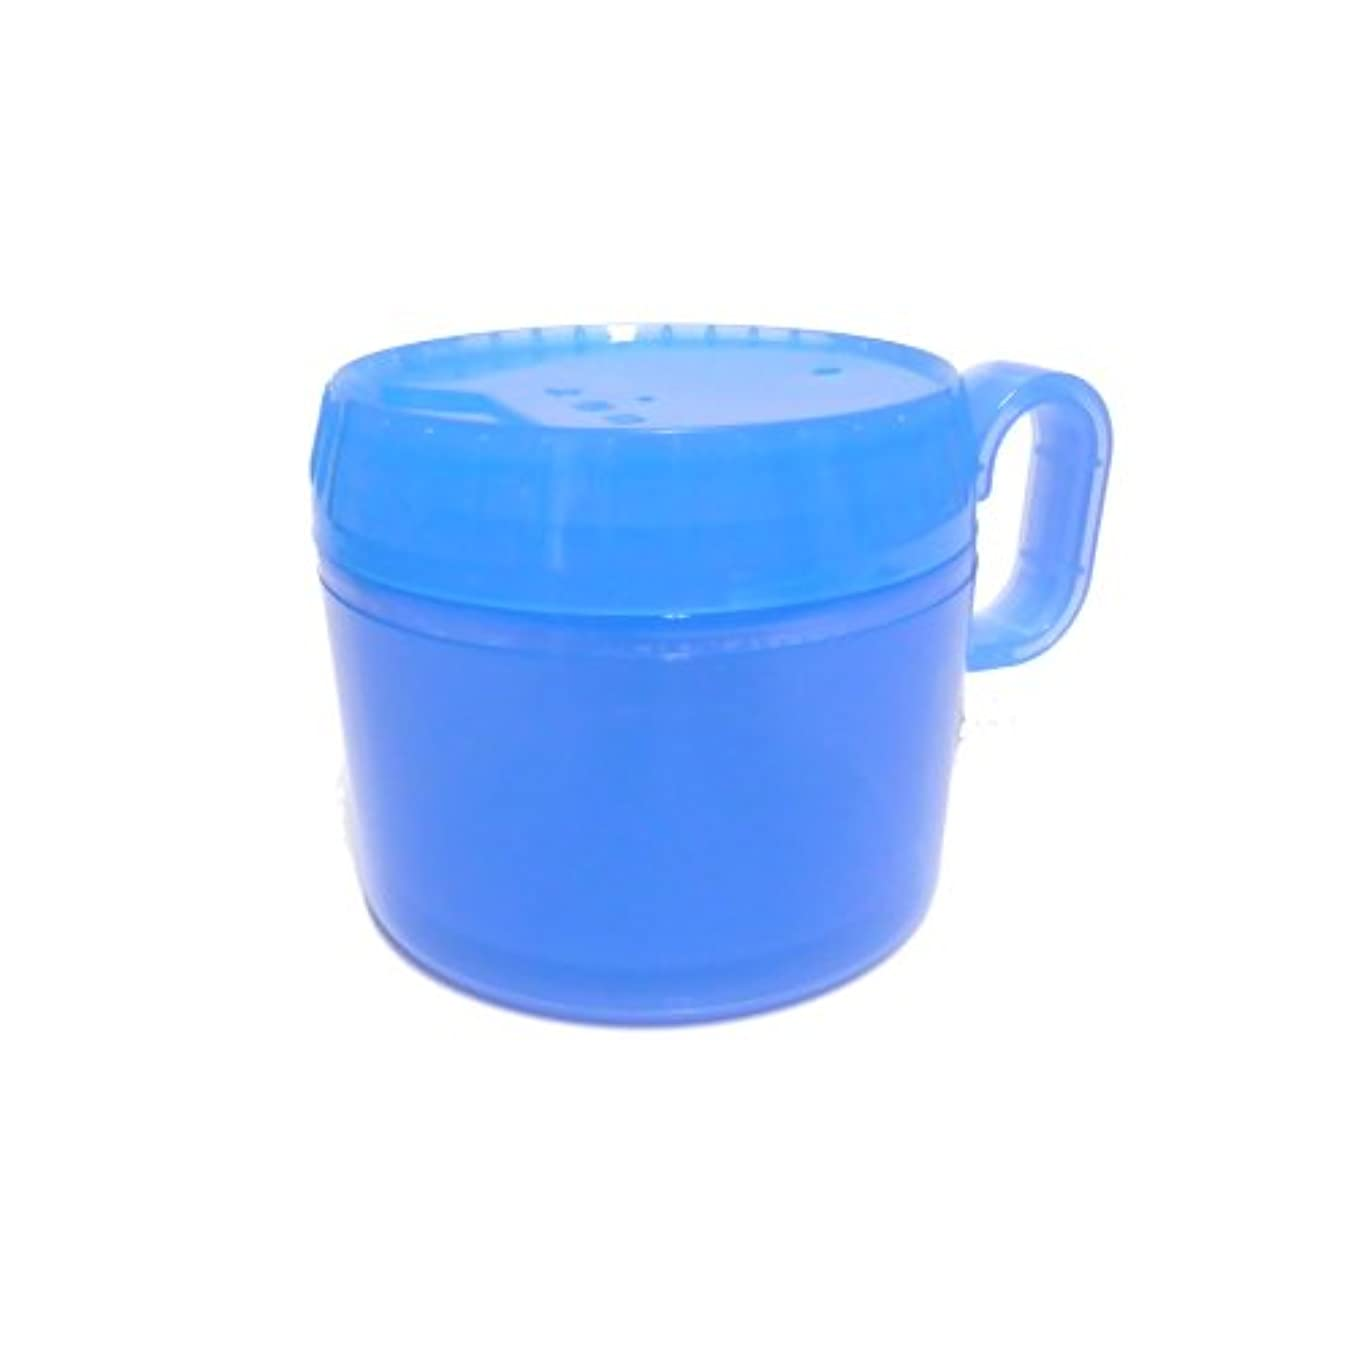 施しファンド気味の悪いニッシン フィジオ クリーン キラリ 入れ歯 保温洗浄容器